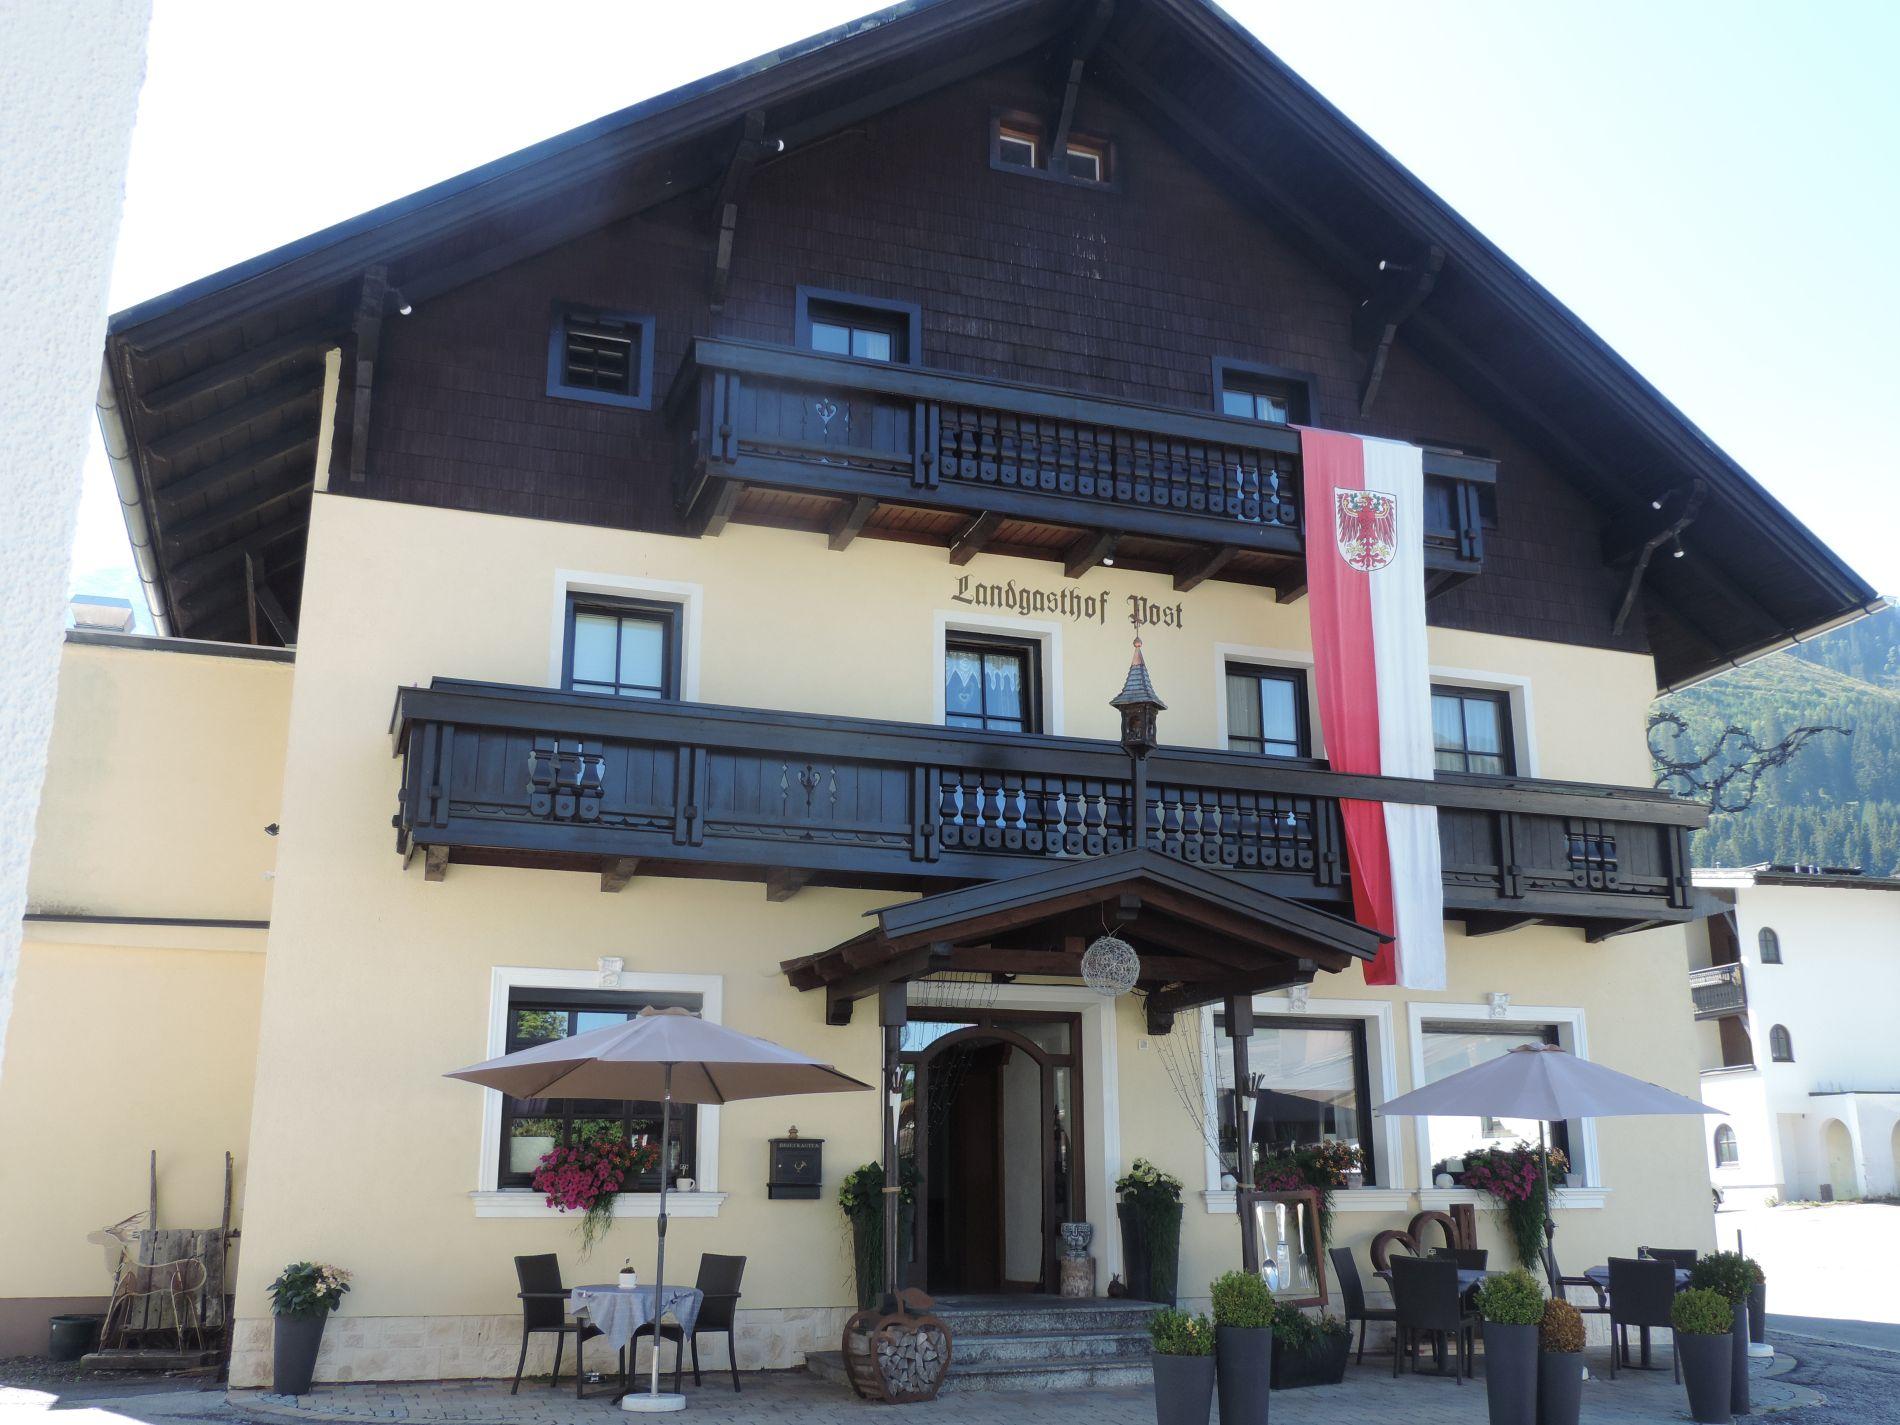 Hotel-Landgasthof-Post-Bichlbach-012